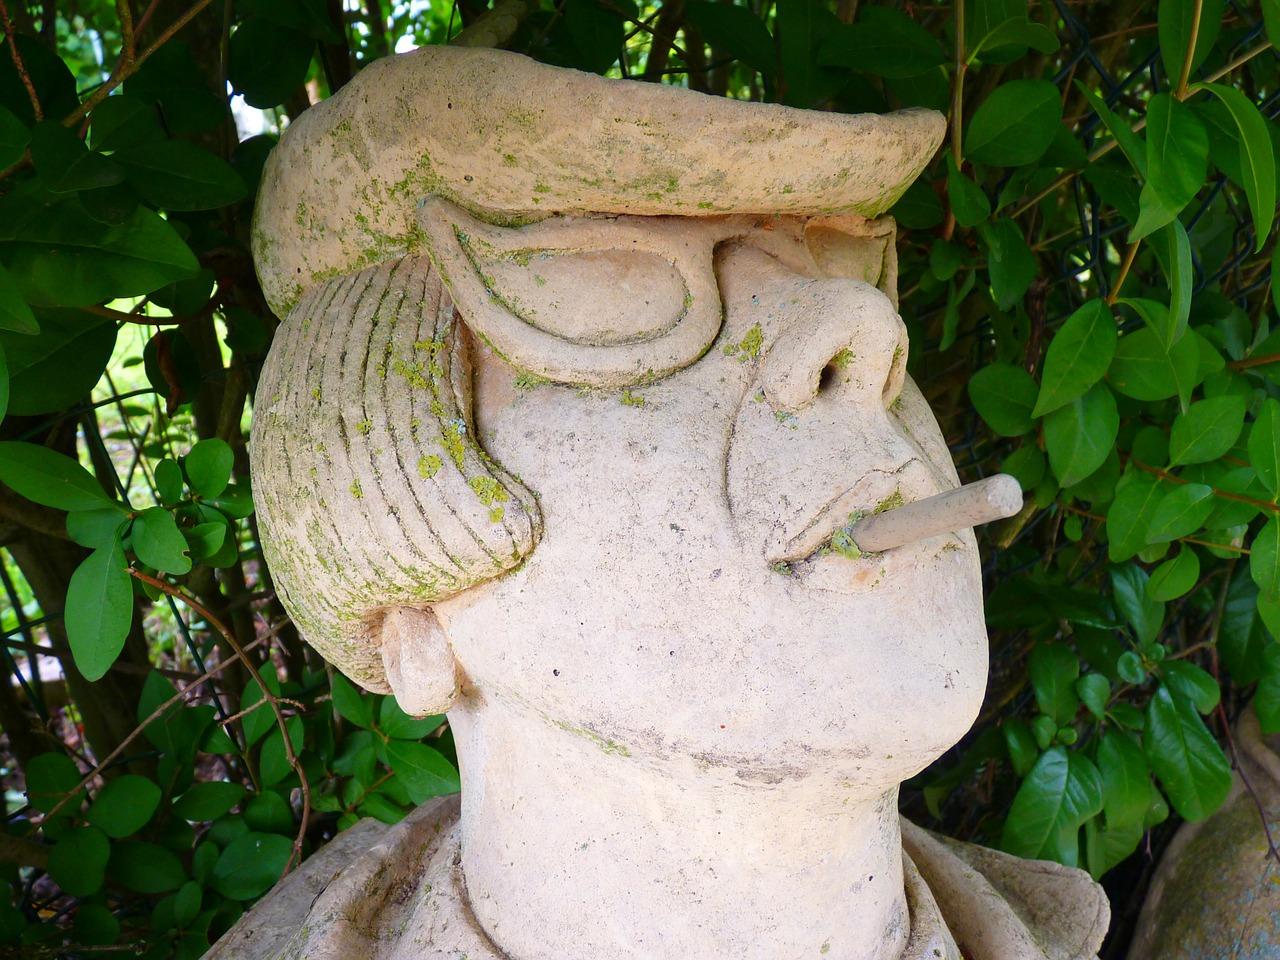 sculpture-57953_1280.jpg